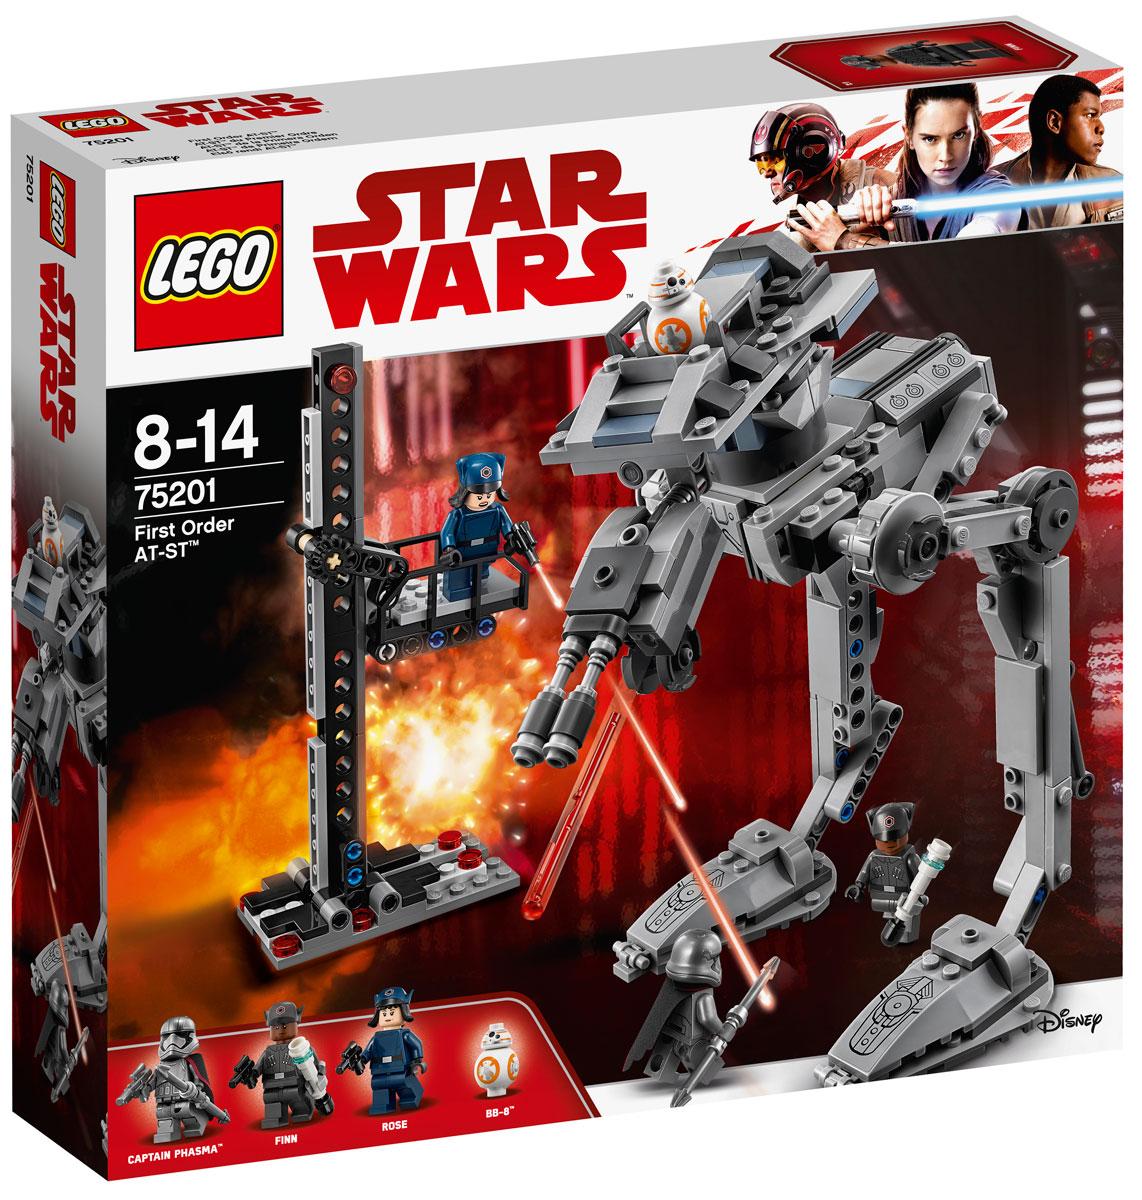 LEGO Star Wars Конструктор Вездеход AT-ST Первого Ордена 75201 - Конструкторы